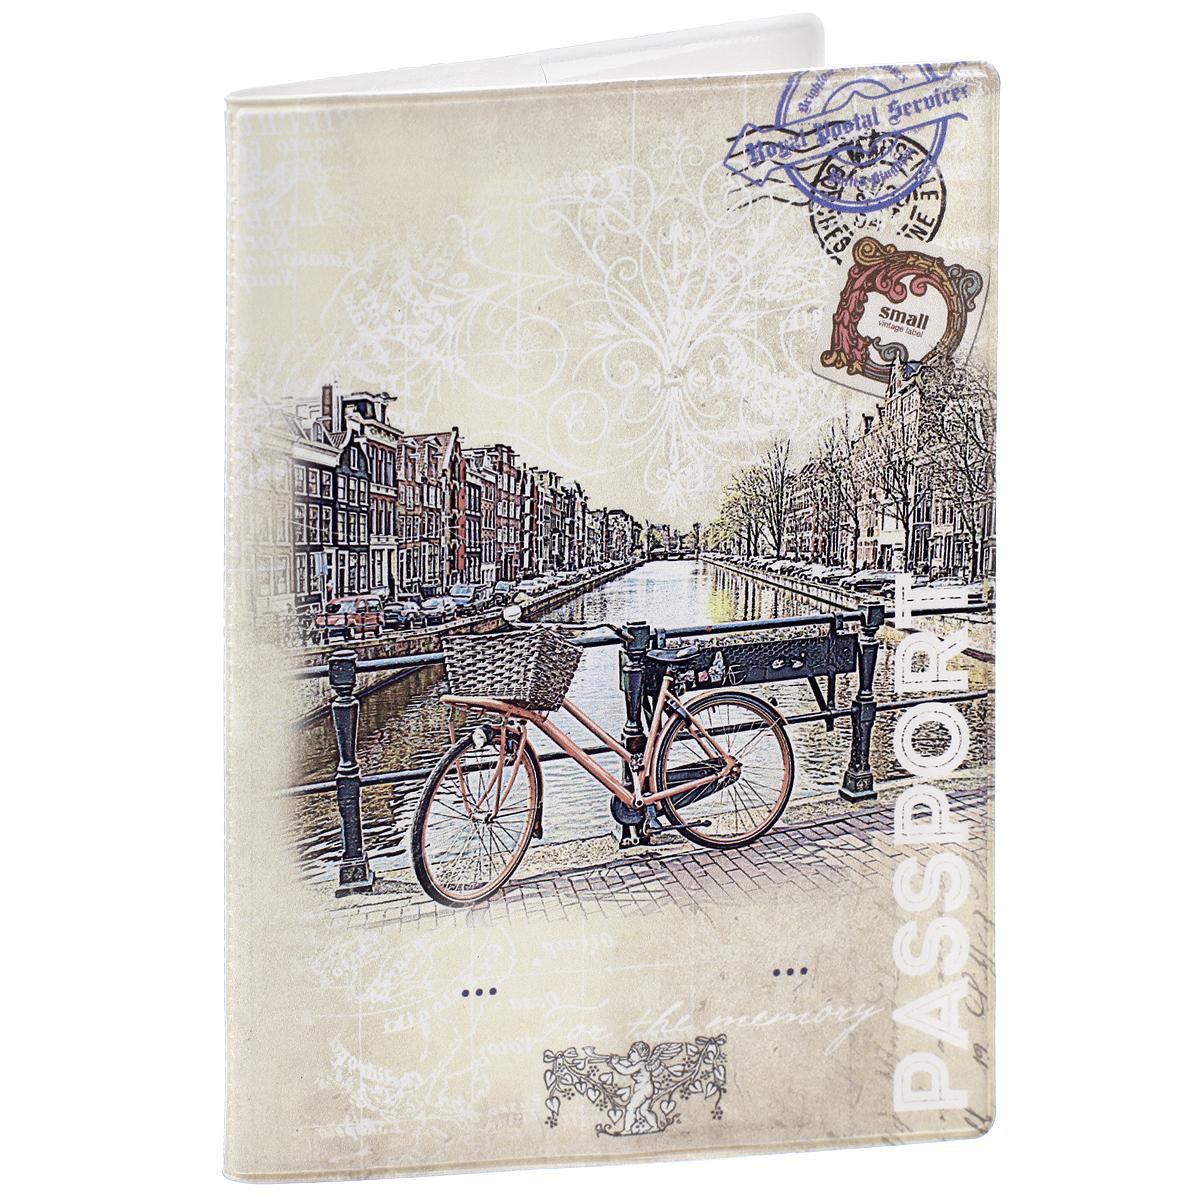 Обложка для паспорта Велосипед, цвет: бежевый. 3240132401Обложка для паспорта Велосипед не только поможет сохранить внешний вид ваших документов и защитить их от повреждений, но и станет стильным аксессуаром, идеально подходящим вашему образу. Обложка выполнена из поливинилхлорида и оформлена оригинальным изображением велосипеда, стоящего на набережной. Внутри имеет два вертикальных кармана из прозрачного пластика. Такая обложка поможет вам подчеркнуть свою индивидуальность и неповторимость!